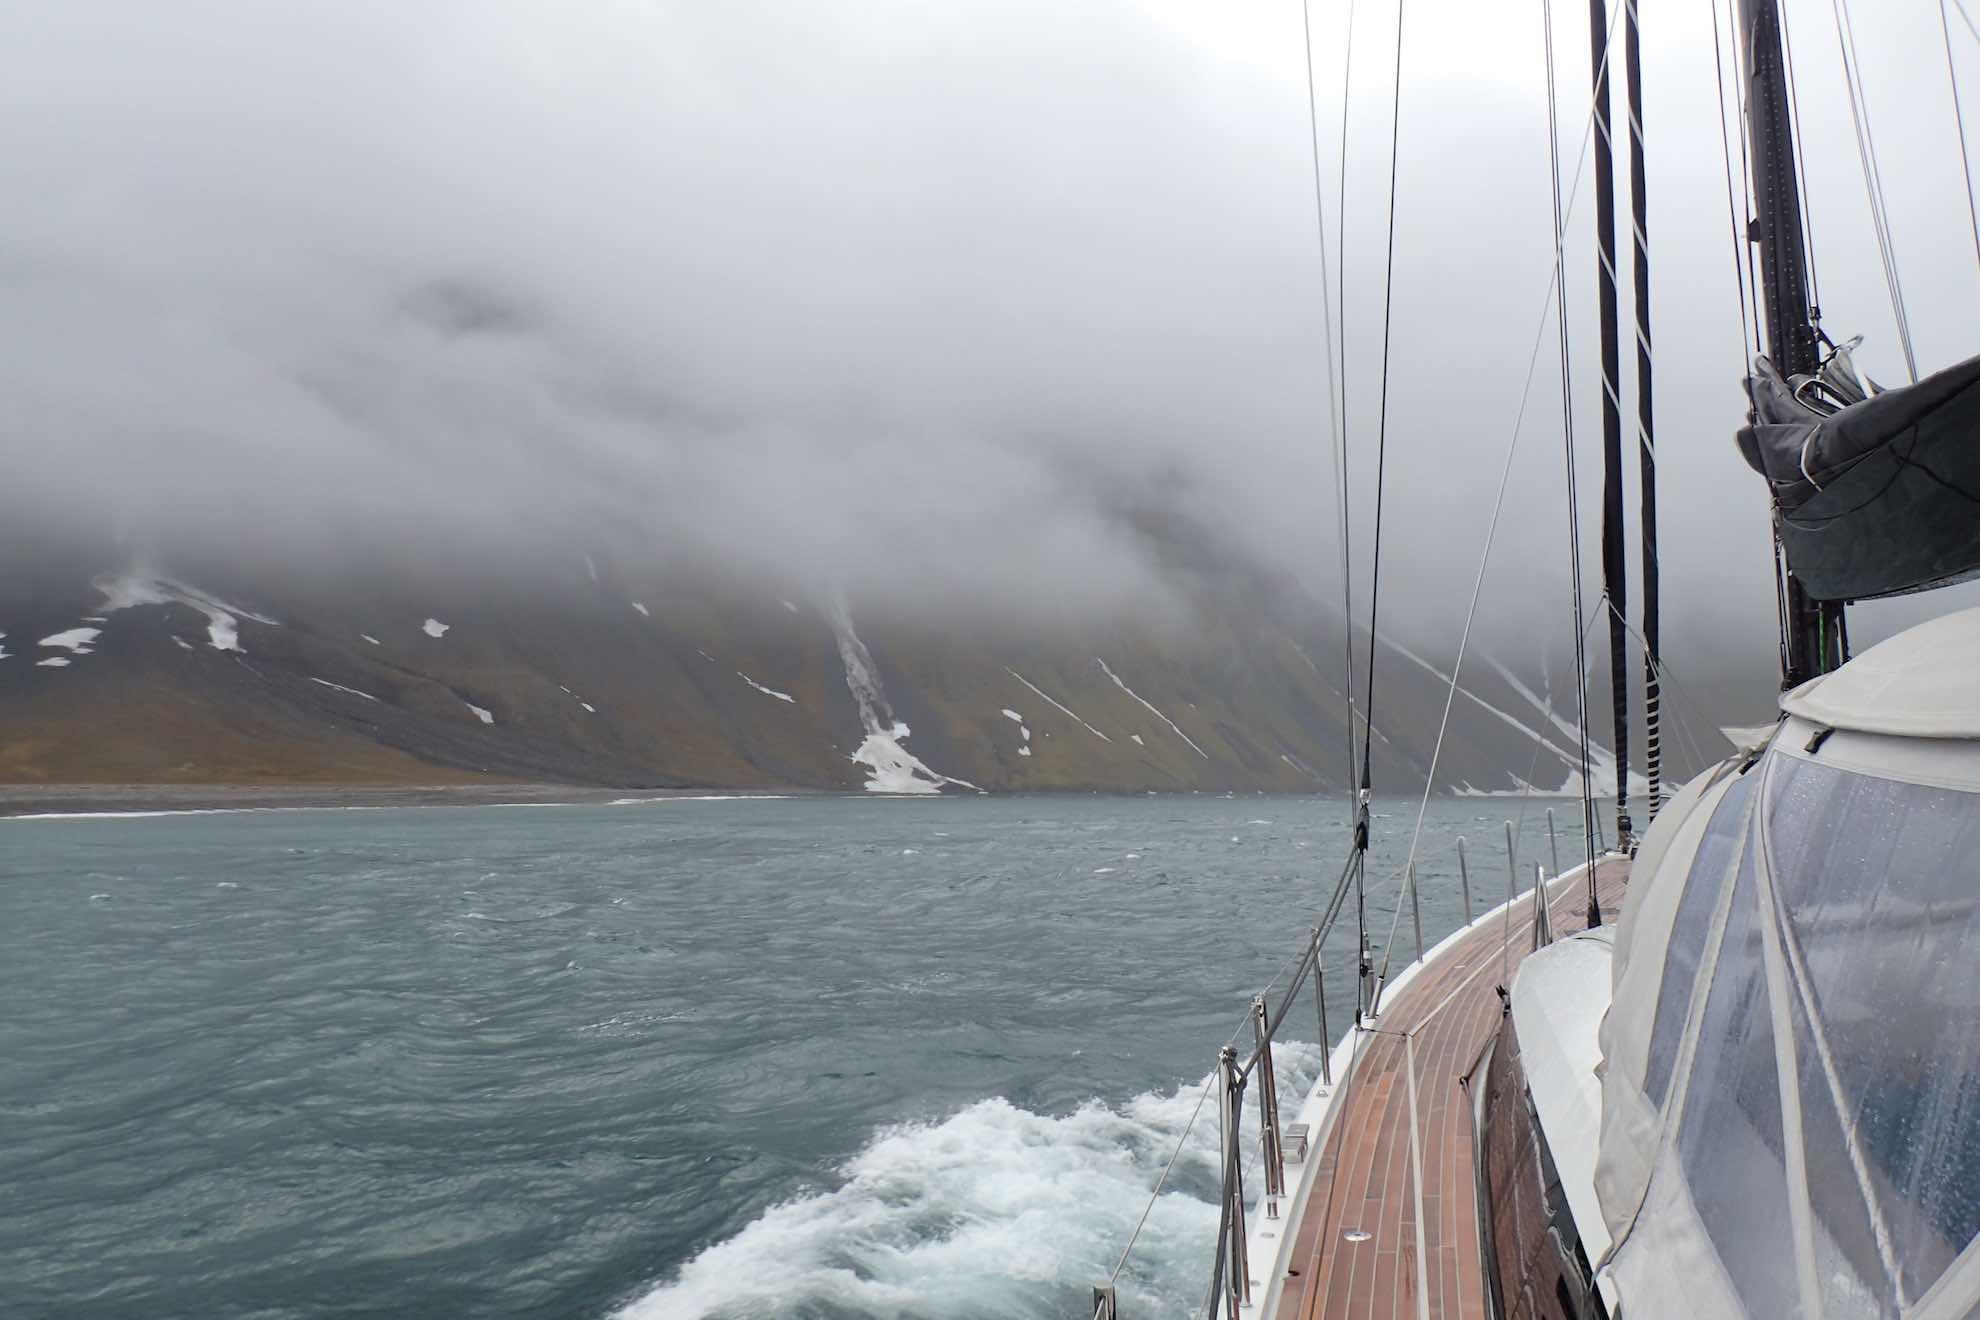 Wir fahren vom nördlichen Van Mijenfjorden in den südlicheren Van Keulenfjorden.